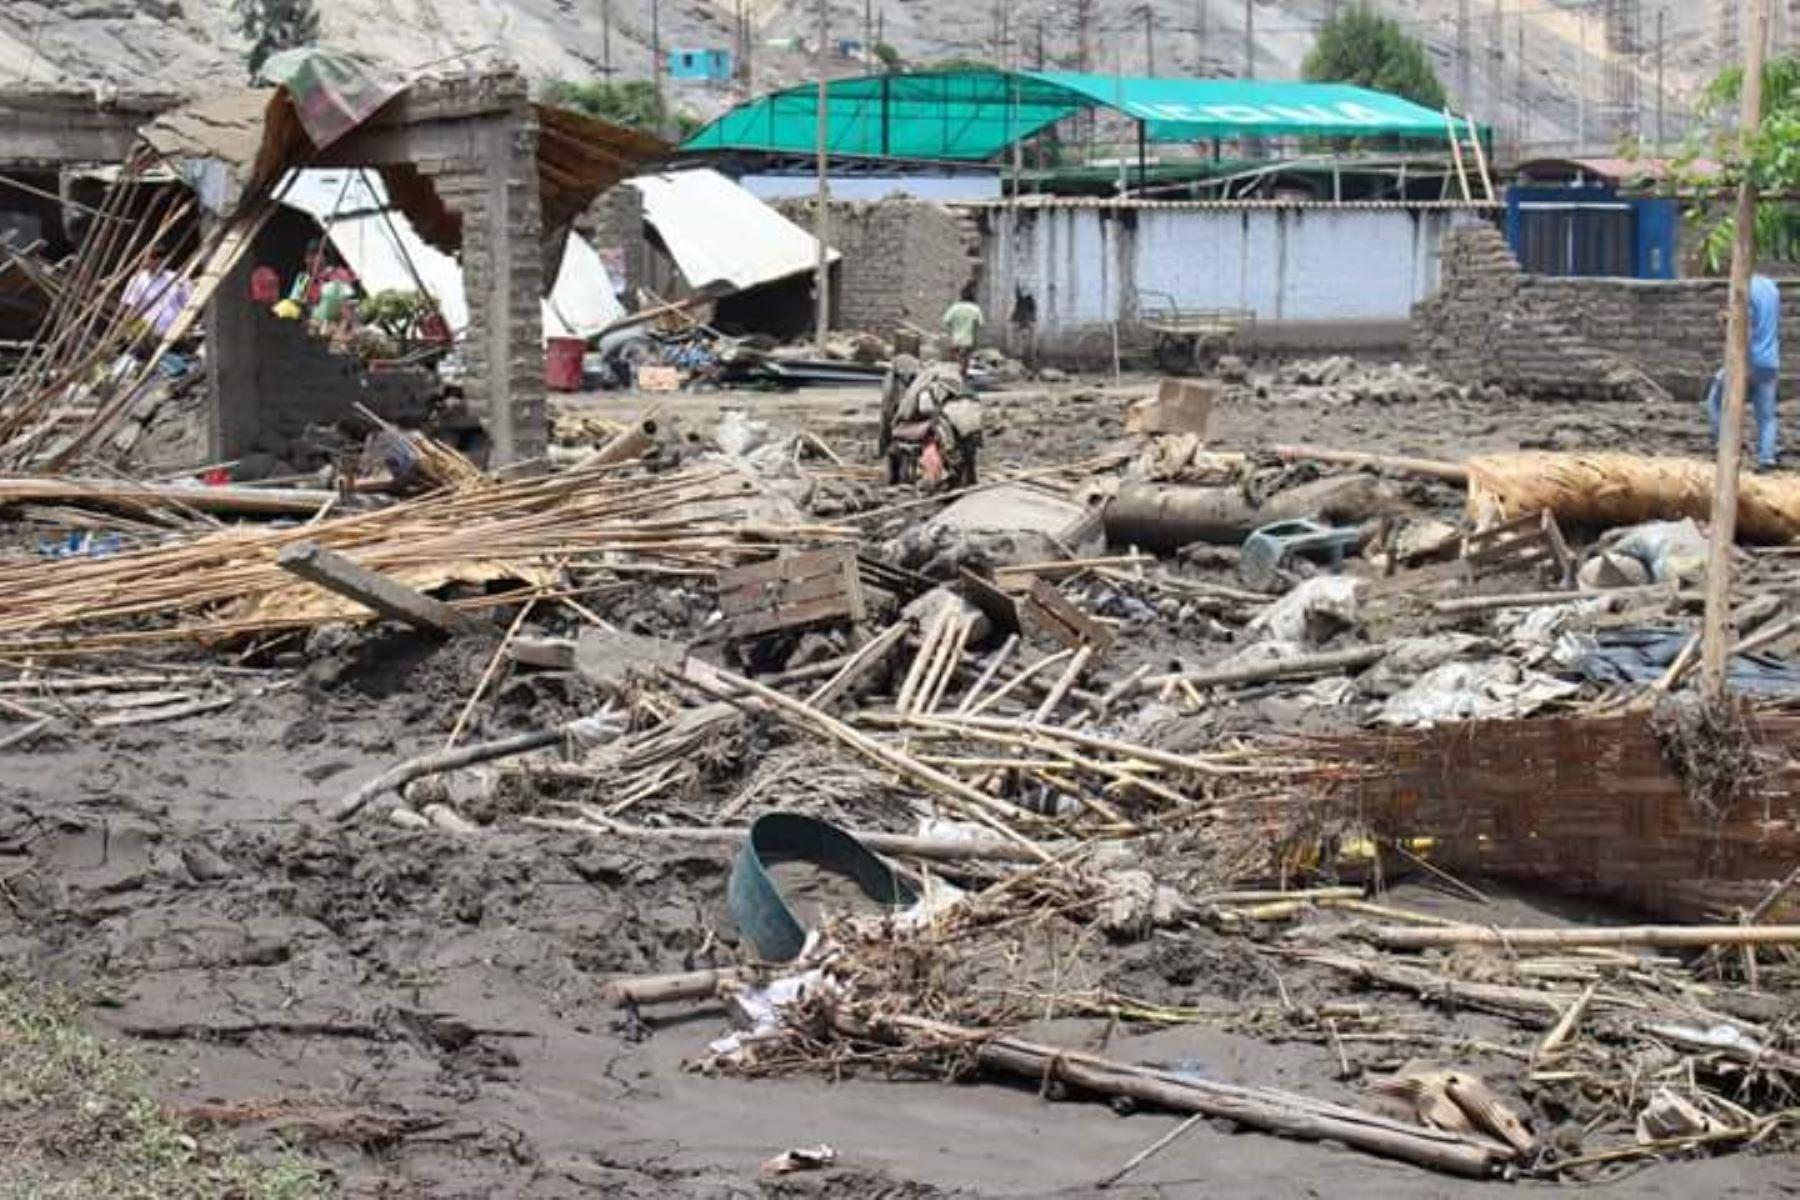 Se beneficiarán damnificados con viviendas colapsadas o inhabitables debido a lluvias y peligros asociados en zonas en emergencia. ANDINA